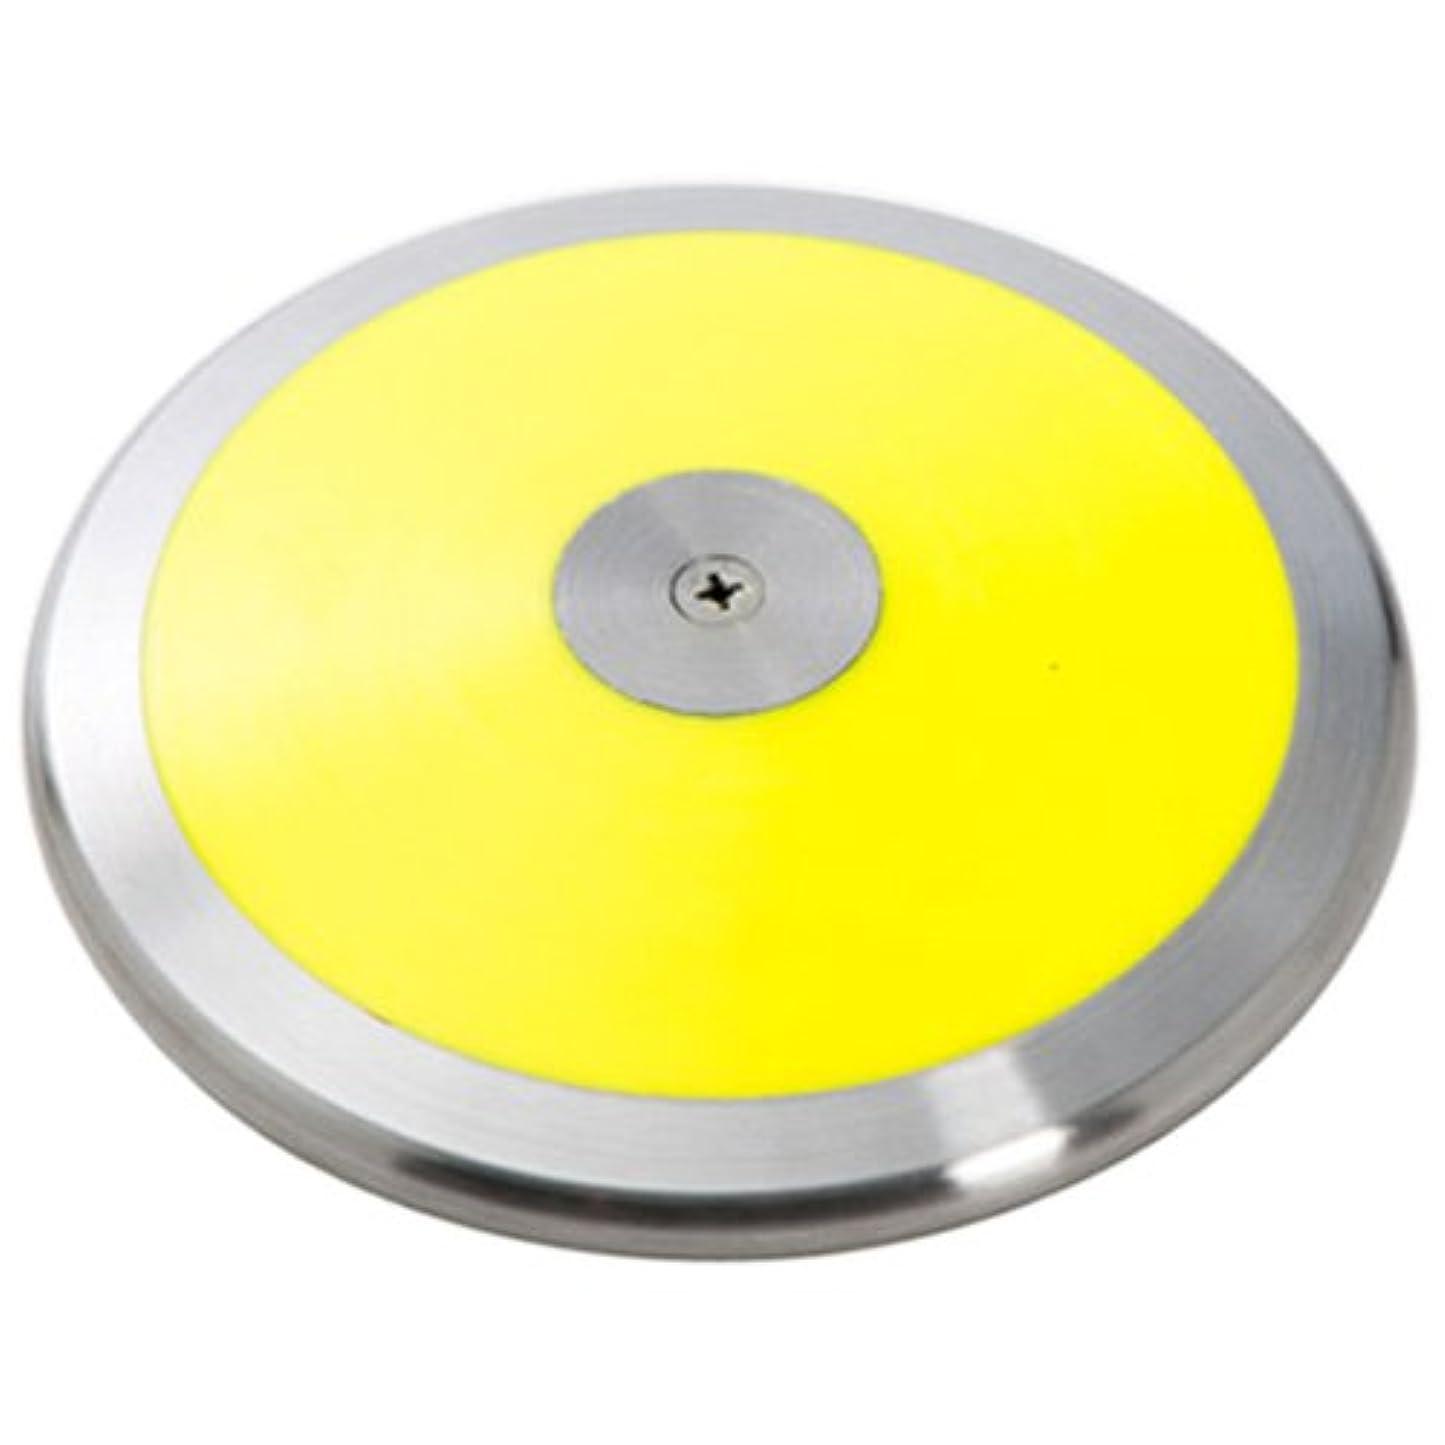 興味空いている洗う[ボディメーカー] 陸上競技 円盤投げ用円盤 2.0kg RA003